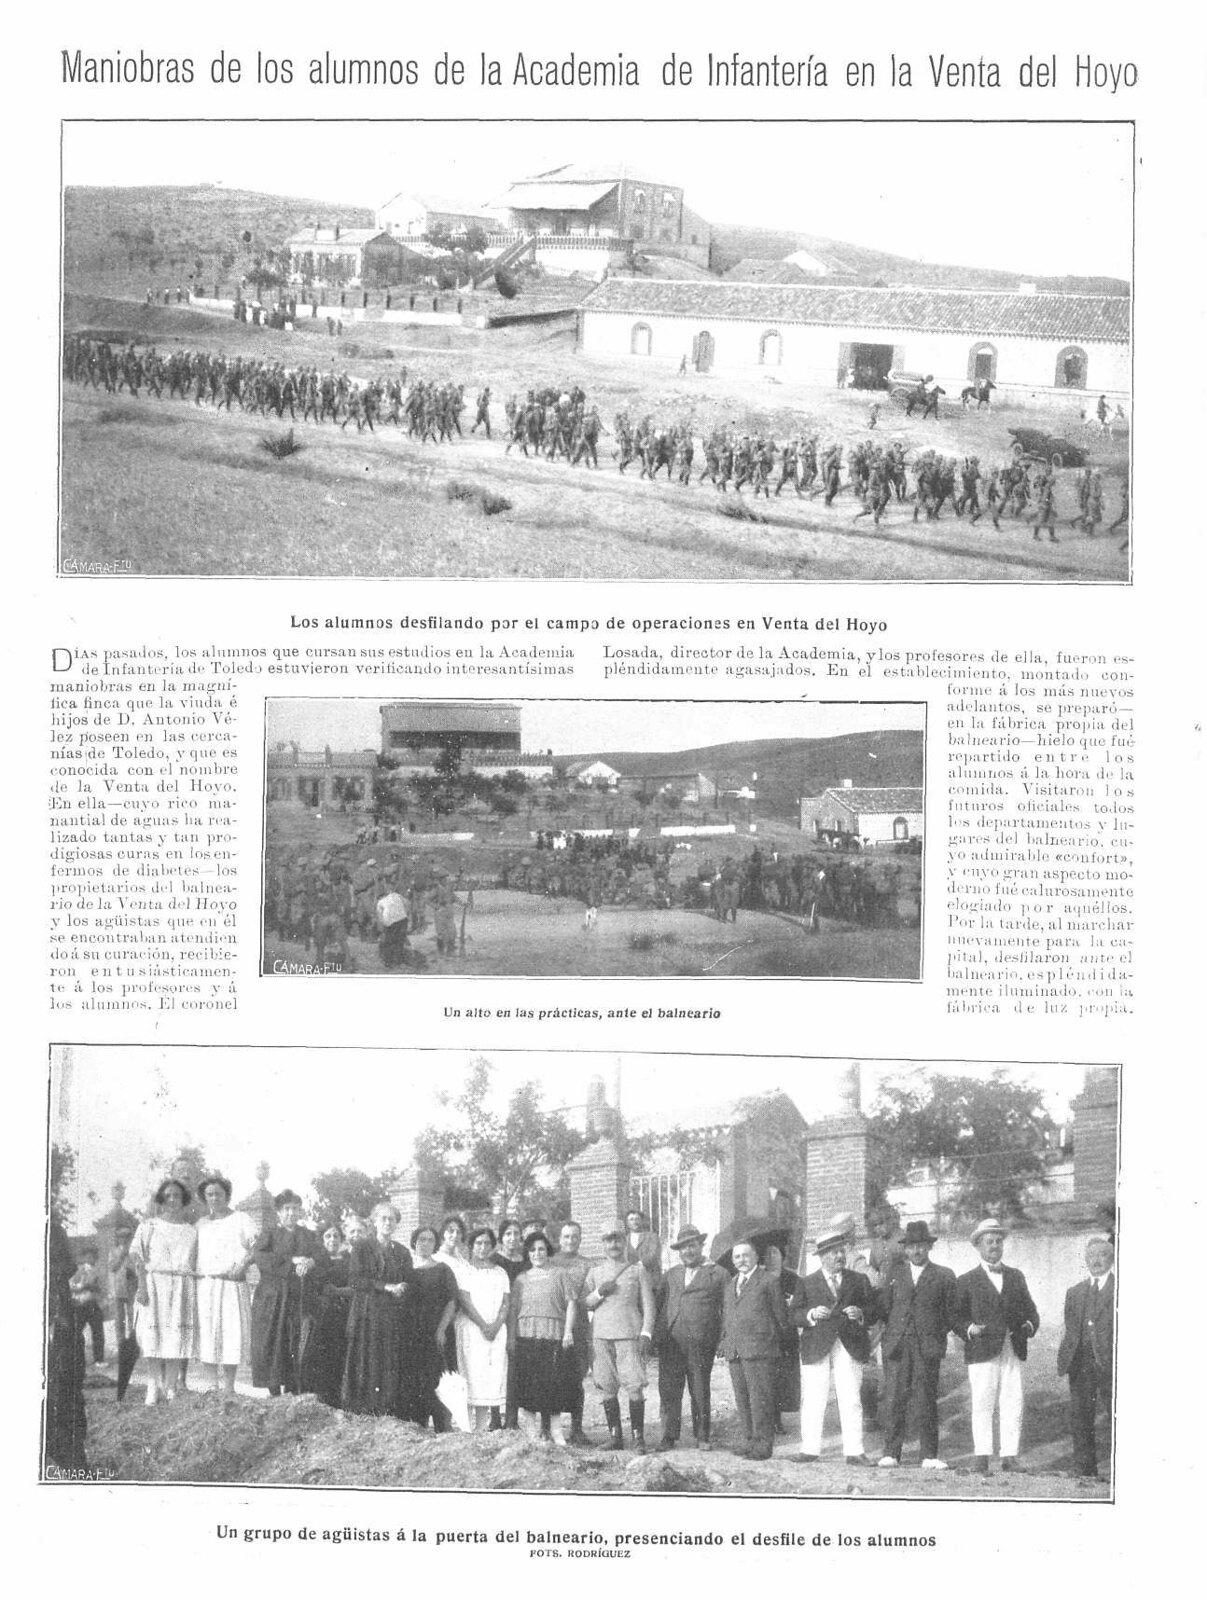 4 de octubre de 1922, reportaje de la Venta del hoyo en Mundo Gráfico